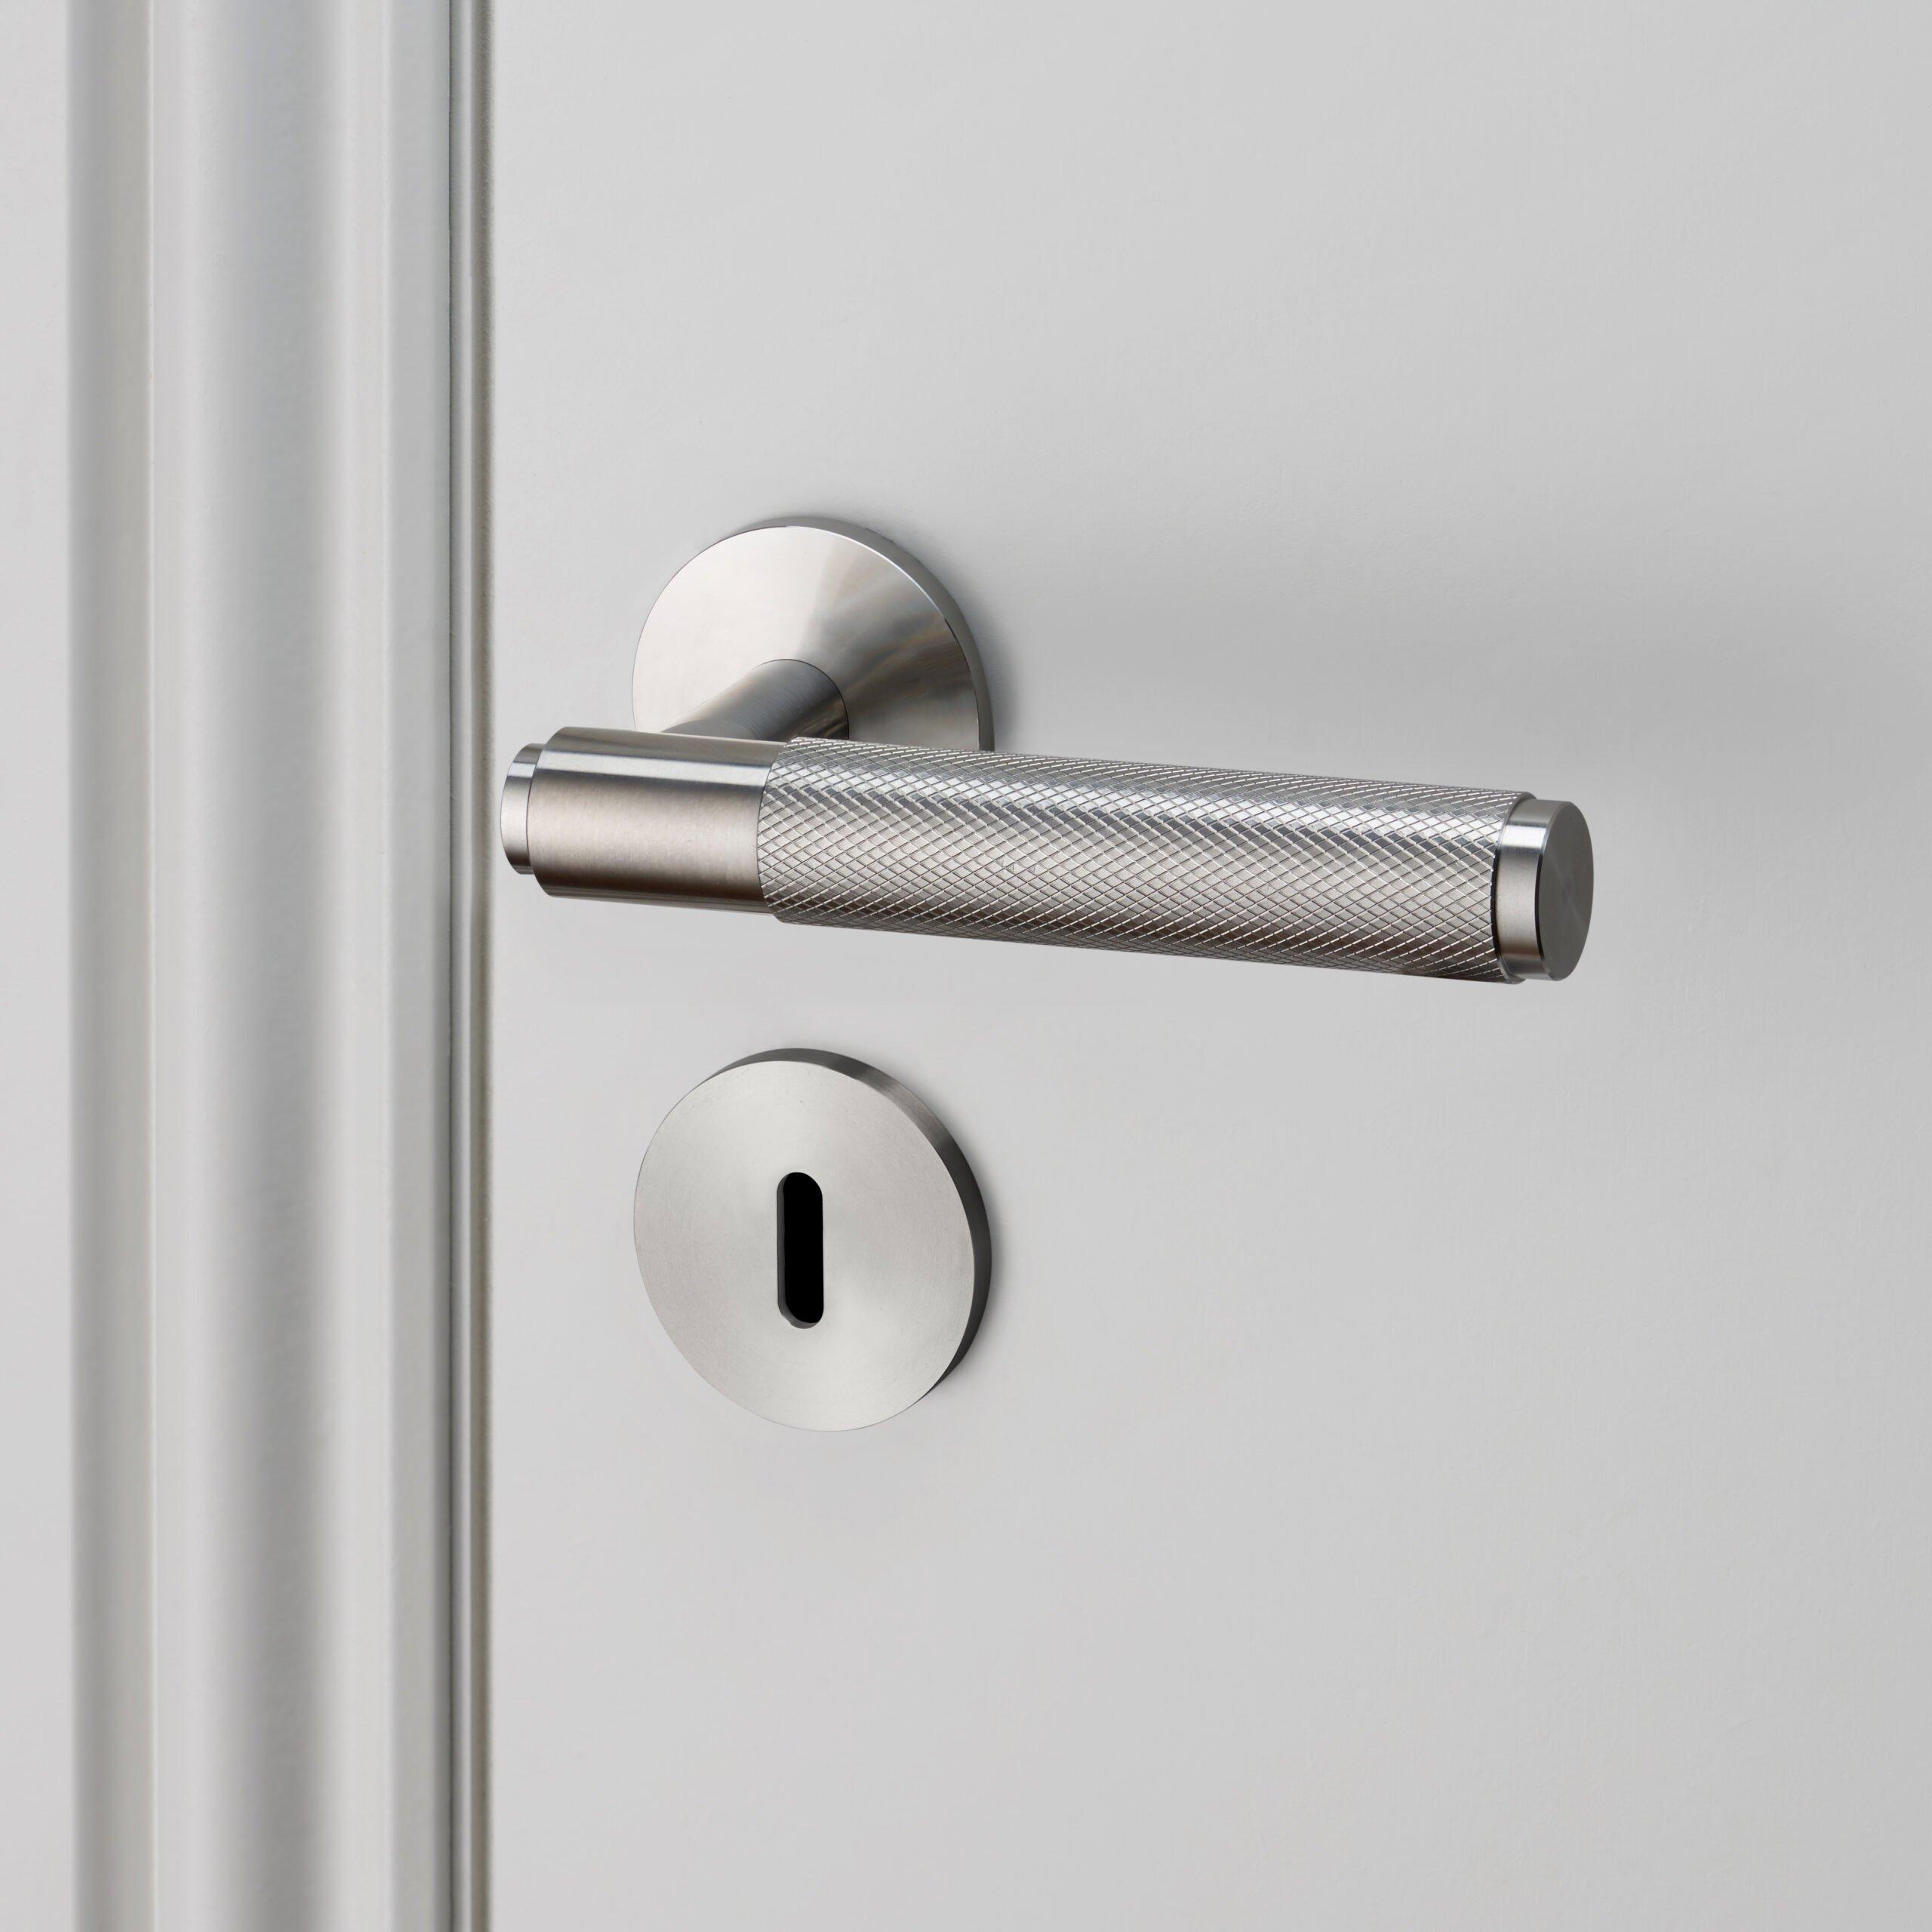 Buster-&-Punch_door_lever_ukescutcheon_steel_high_res